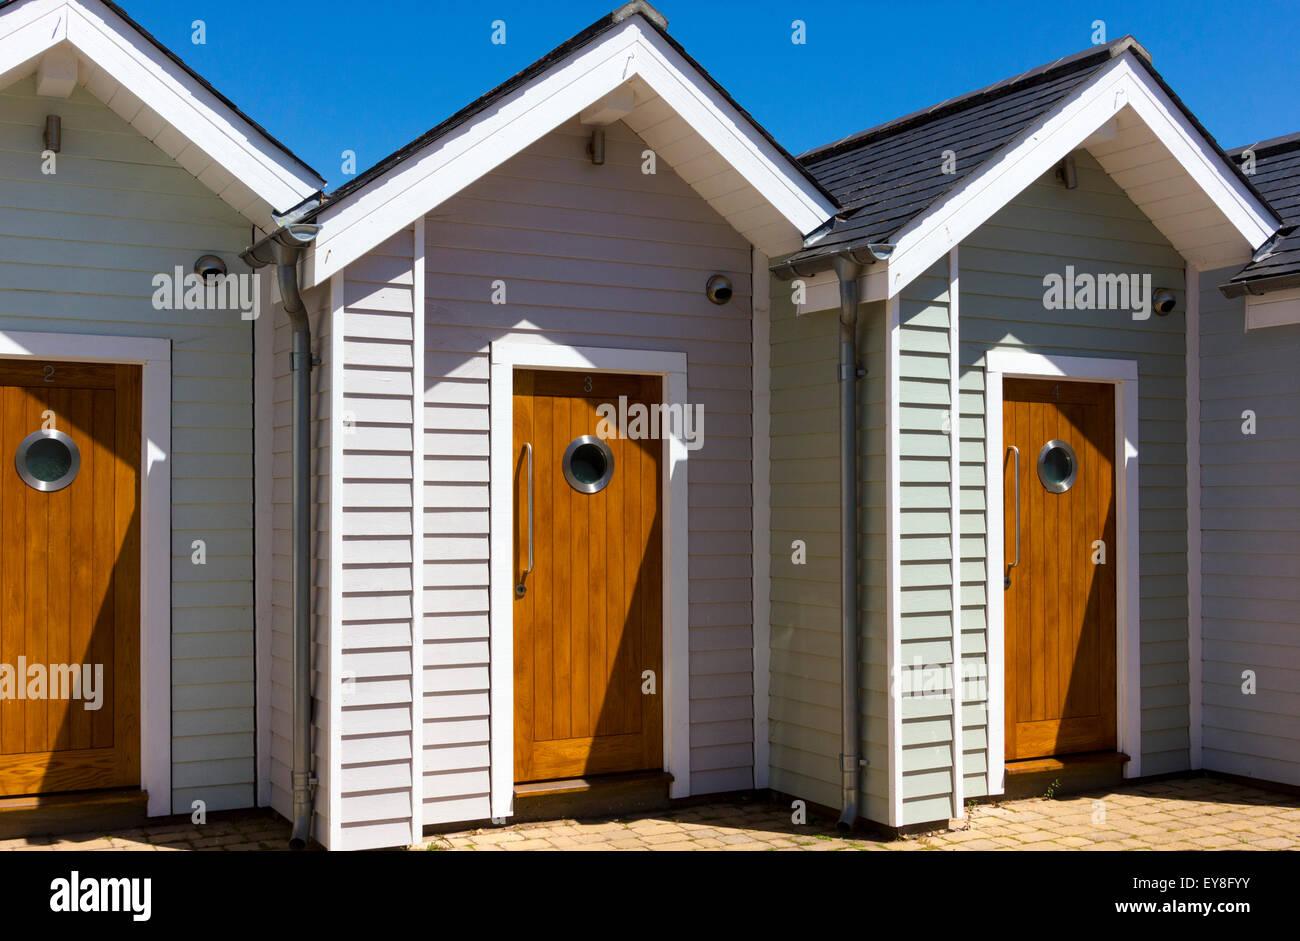 Porte In Legno Moderne : Porte in legno ingressi anteriori alla fila di moderne cabine